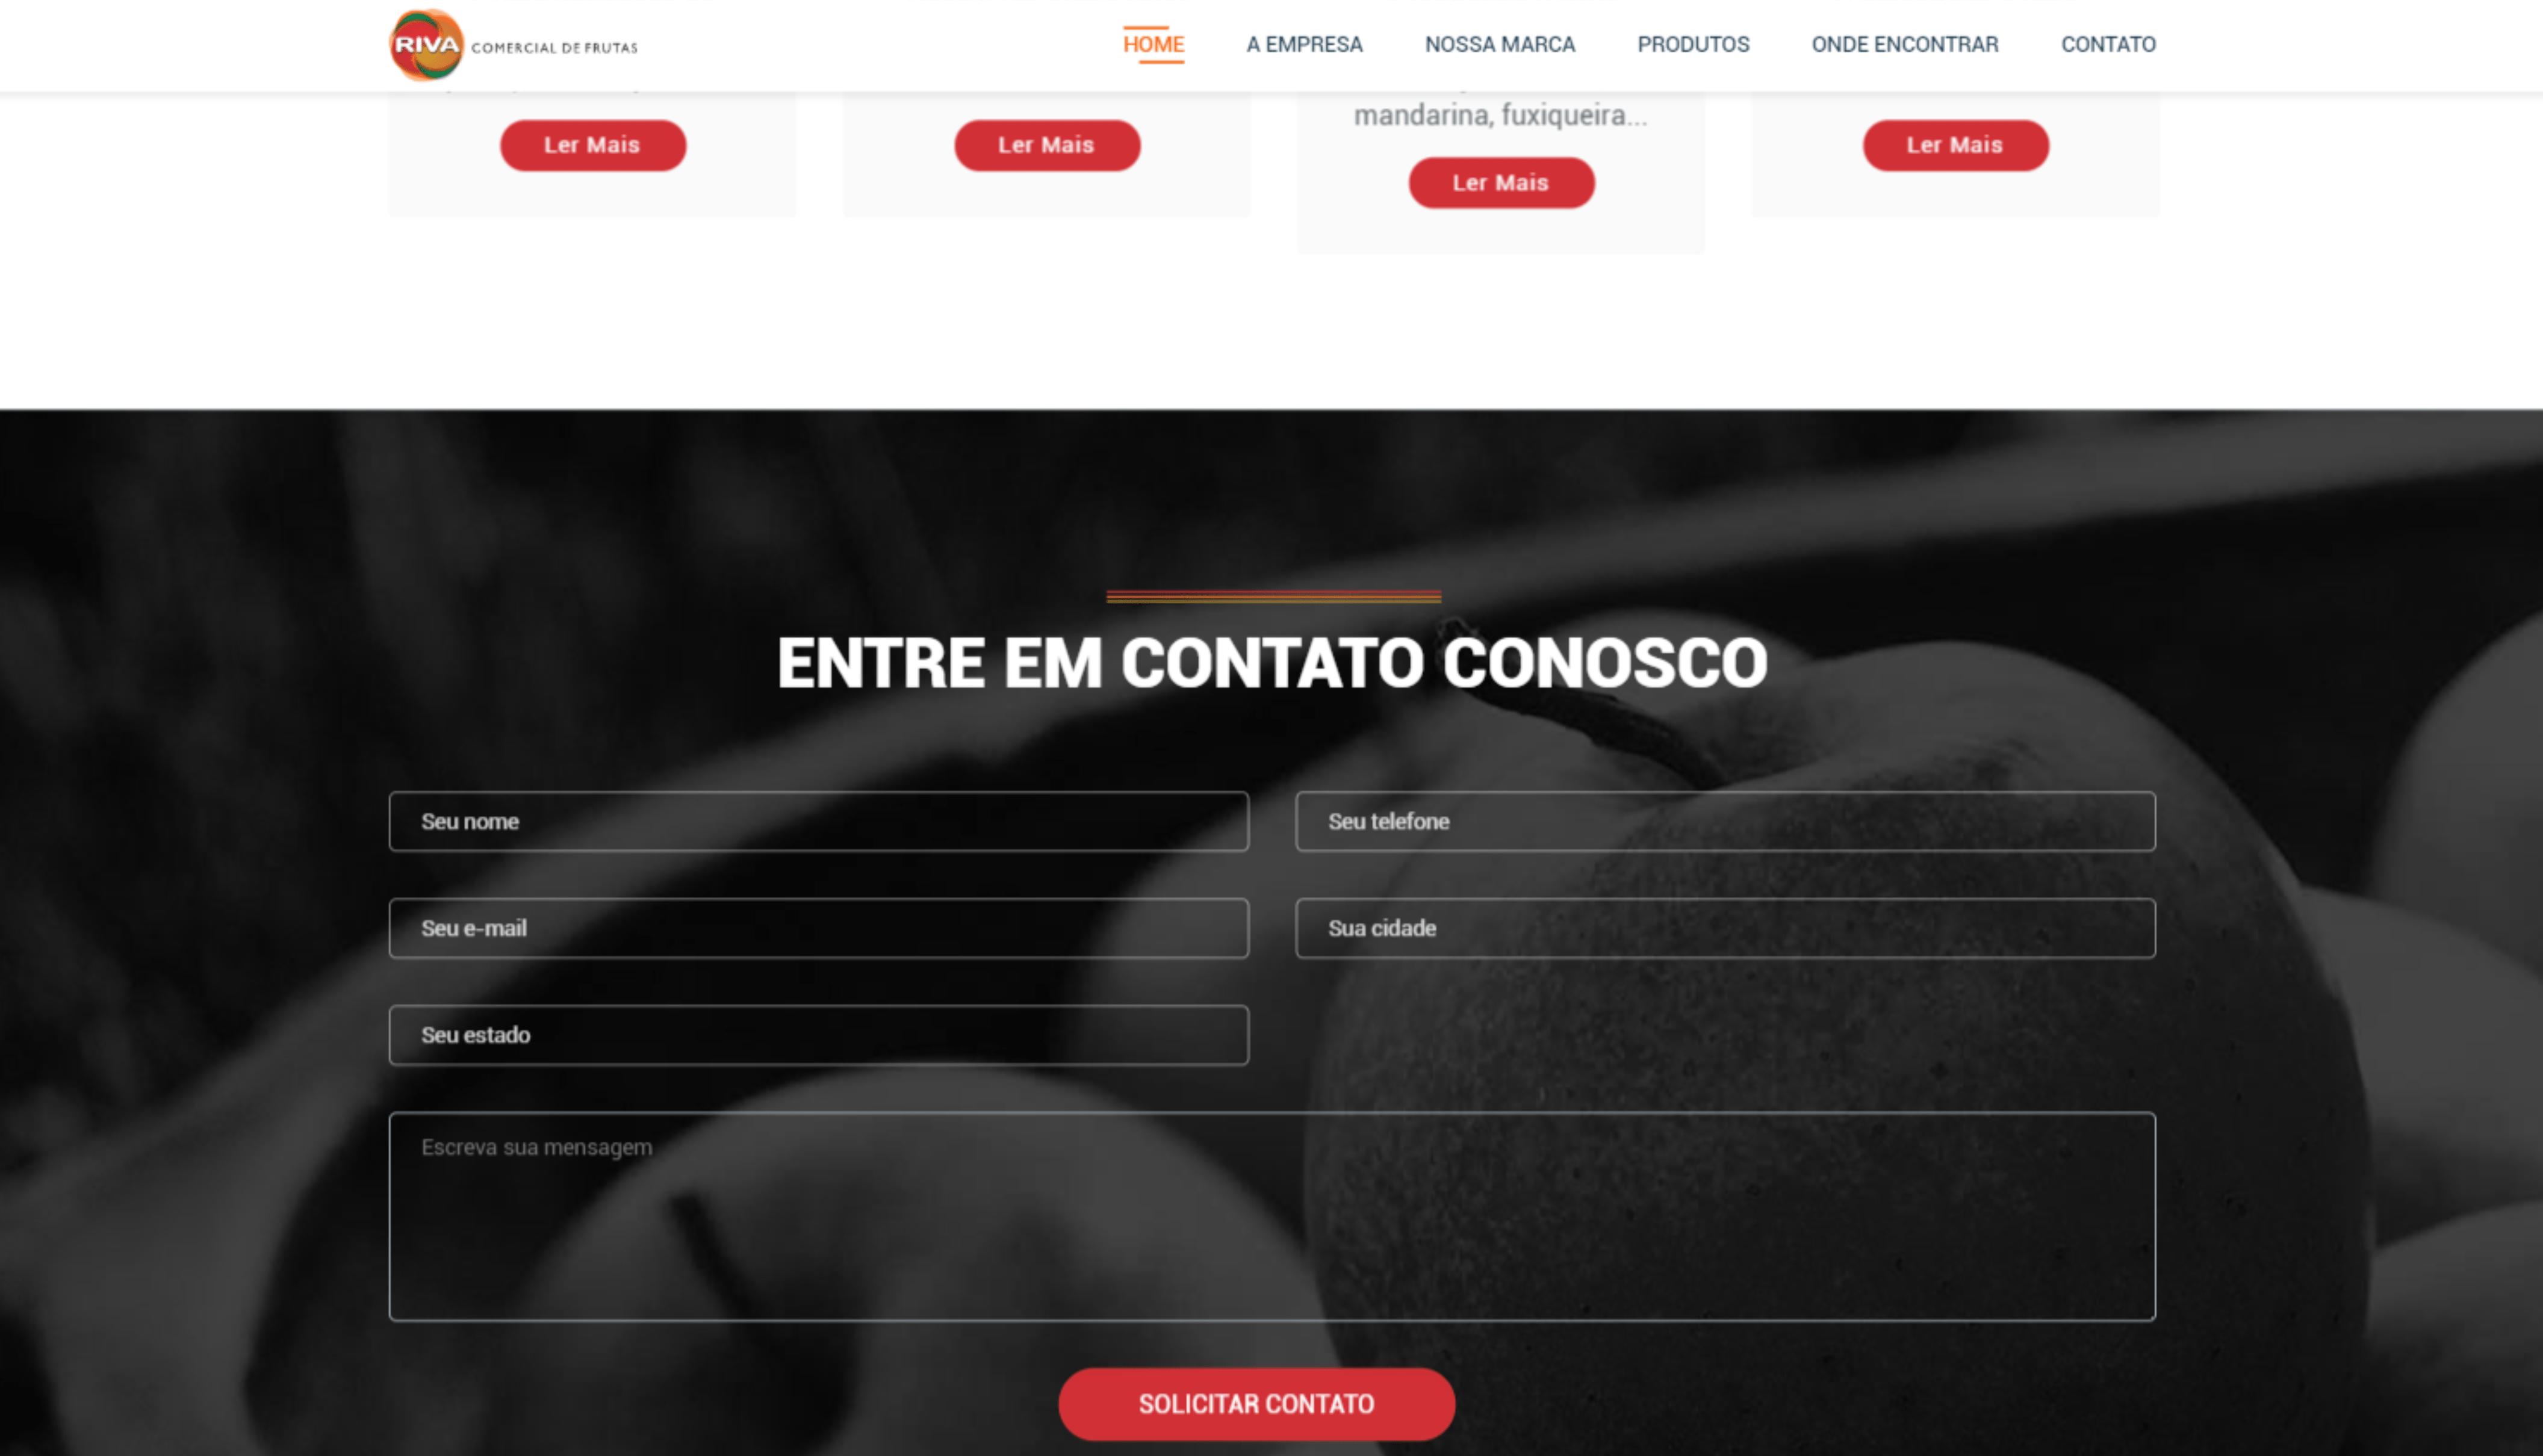 https://www.6i.com.br/case/comercial-de-frutas-riva/